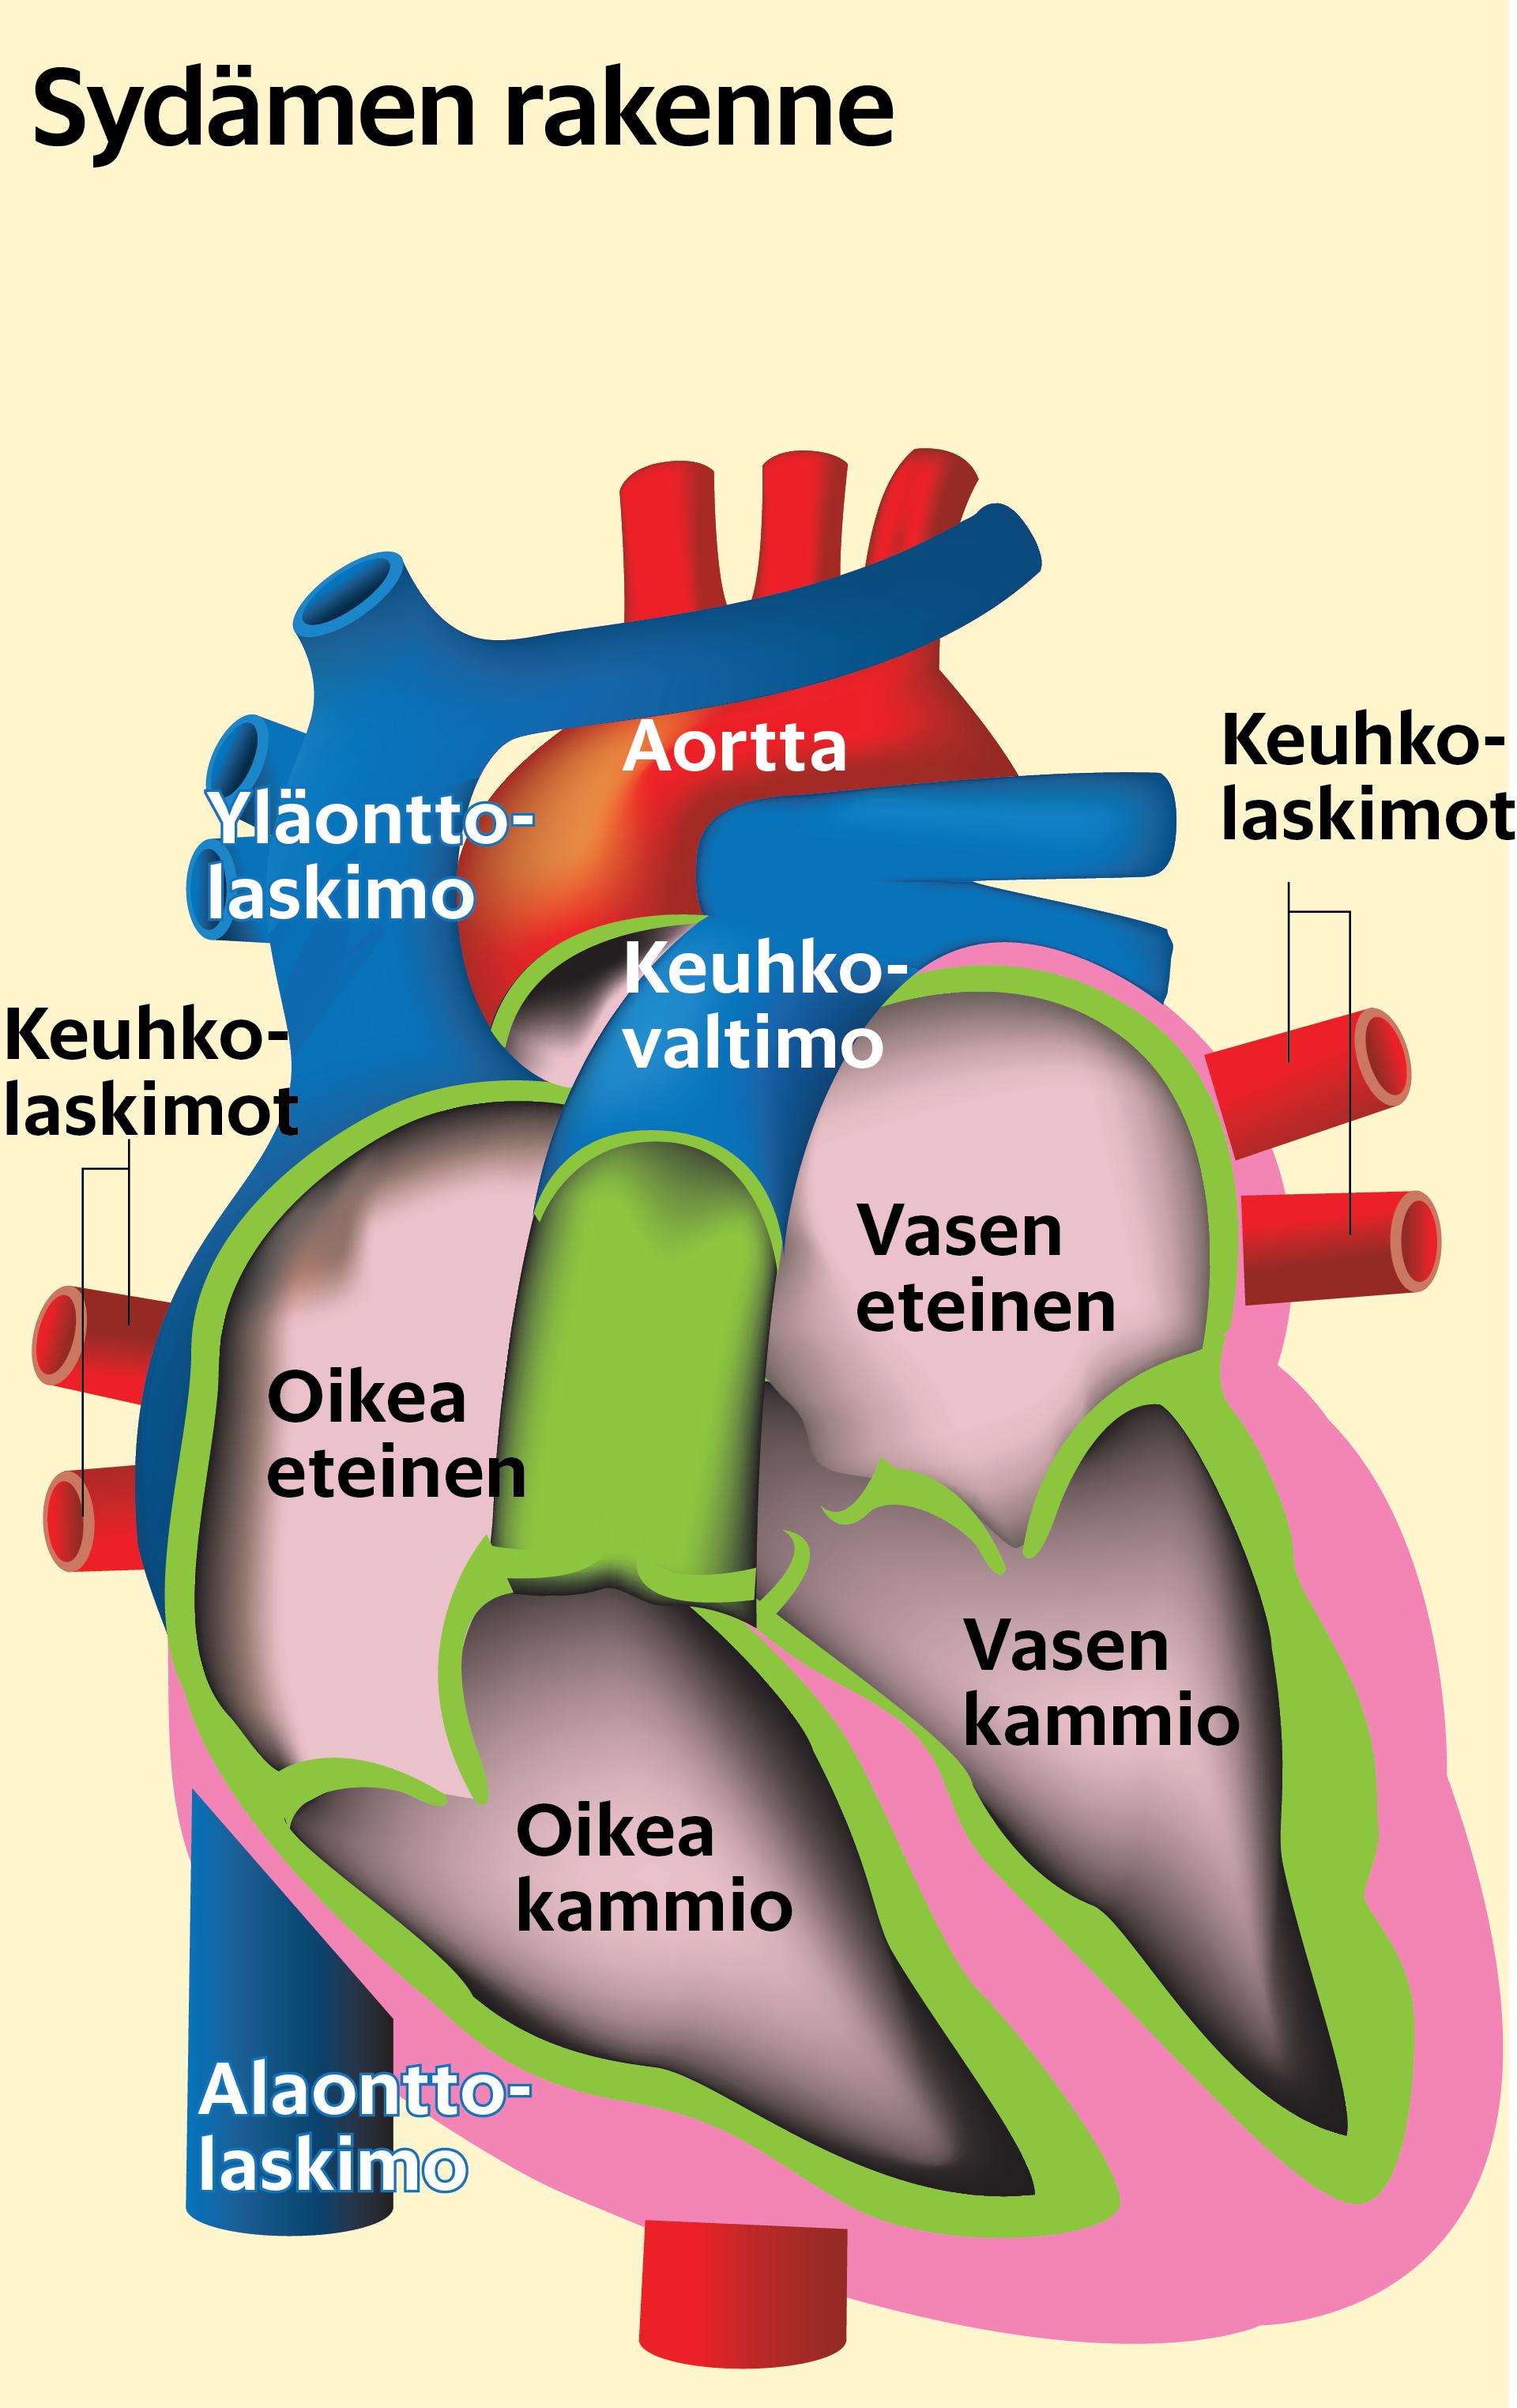 sydämen rakenne ja toiminta - Google-haku  3821aeb159